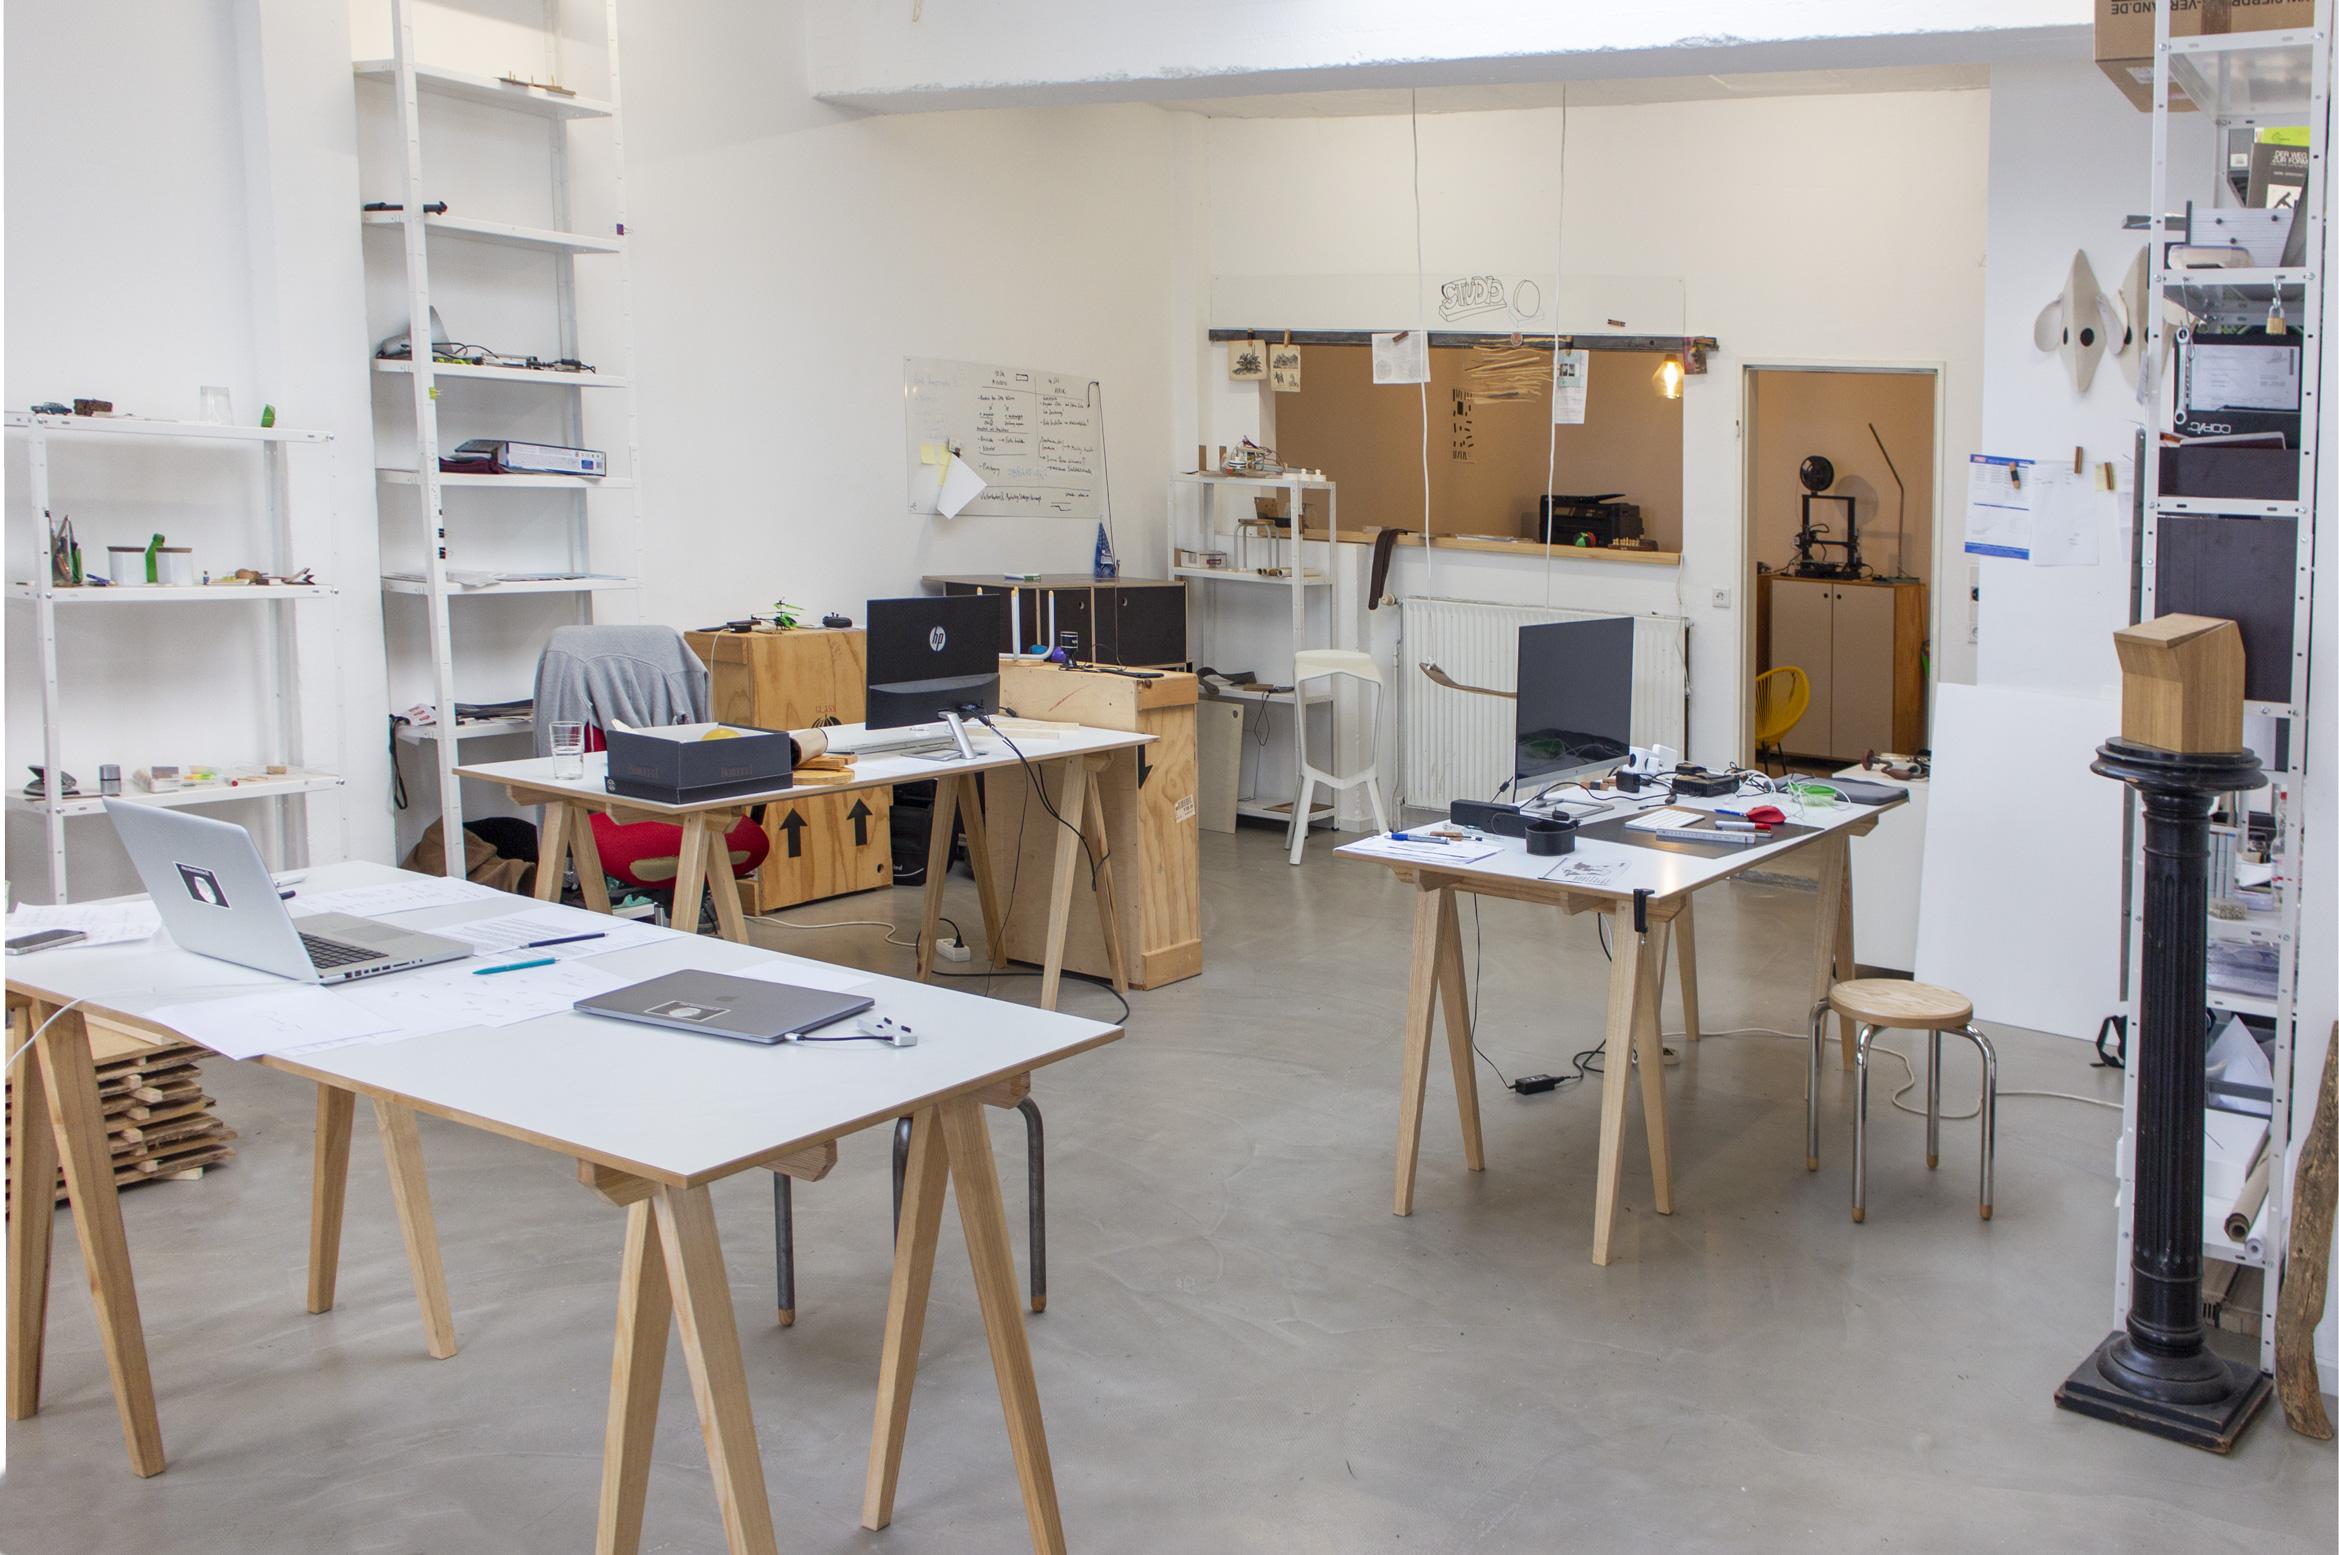 Studio Ei 🥚Kommunikation Produkt Gestaltung 🥚